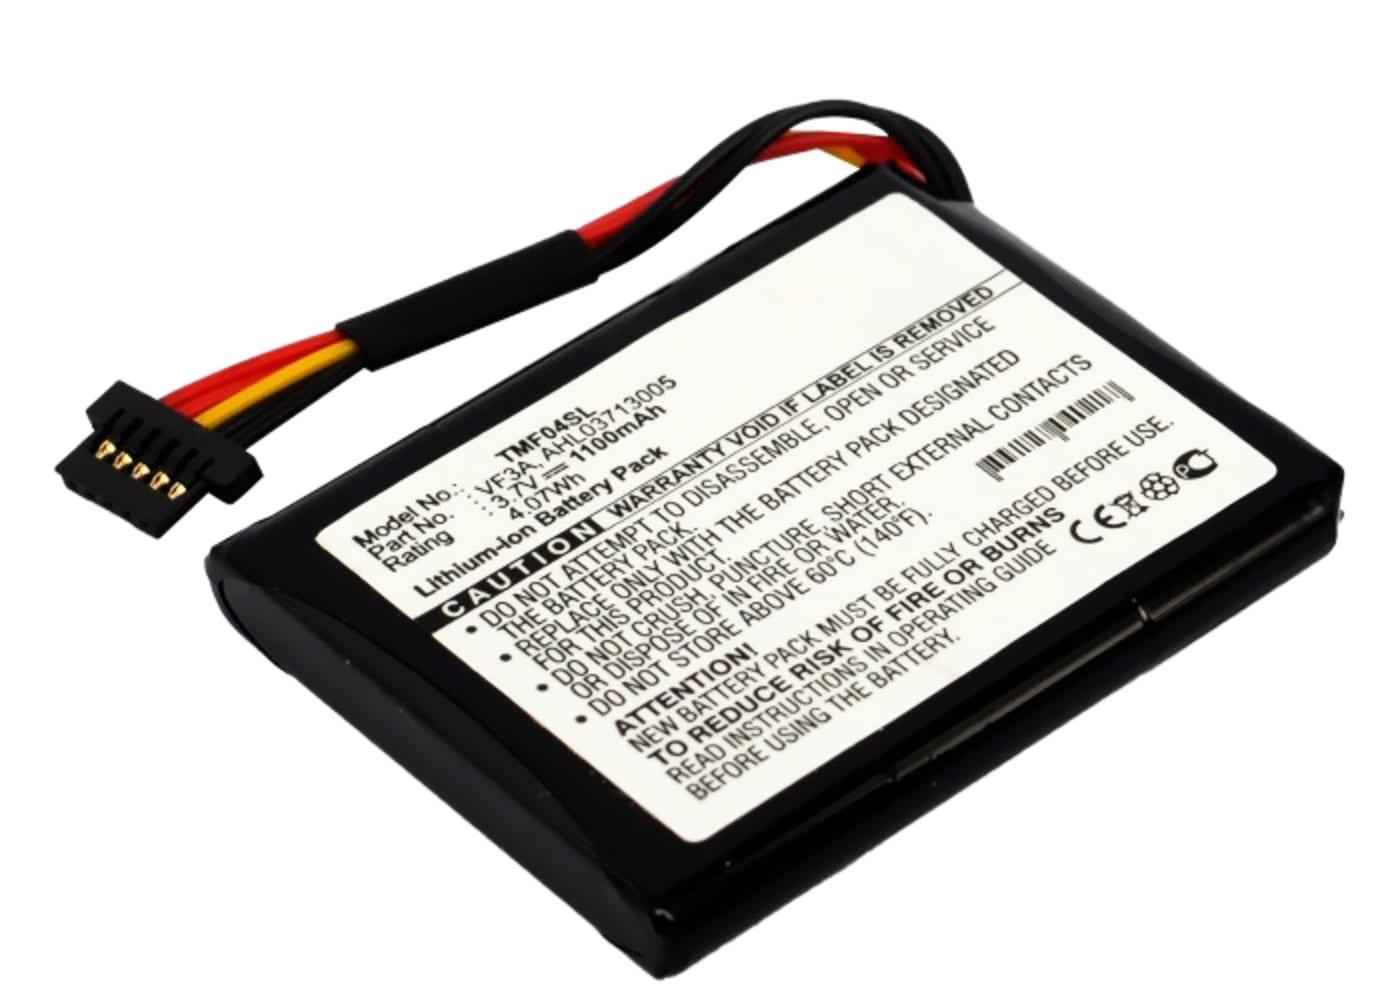 Batterie pour navigateur GPS TomTom 4EL0.001.01 Via 120 Live Western Europe XL 340M Live XL 340TM Live XL Live XL Live TTS 4EL0.017.01 - AHL03710403 AHL03713005 VF3A VF3M 1100mAh